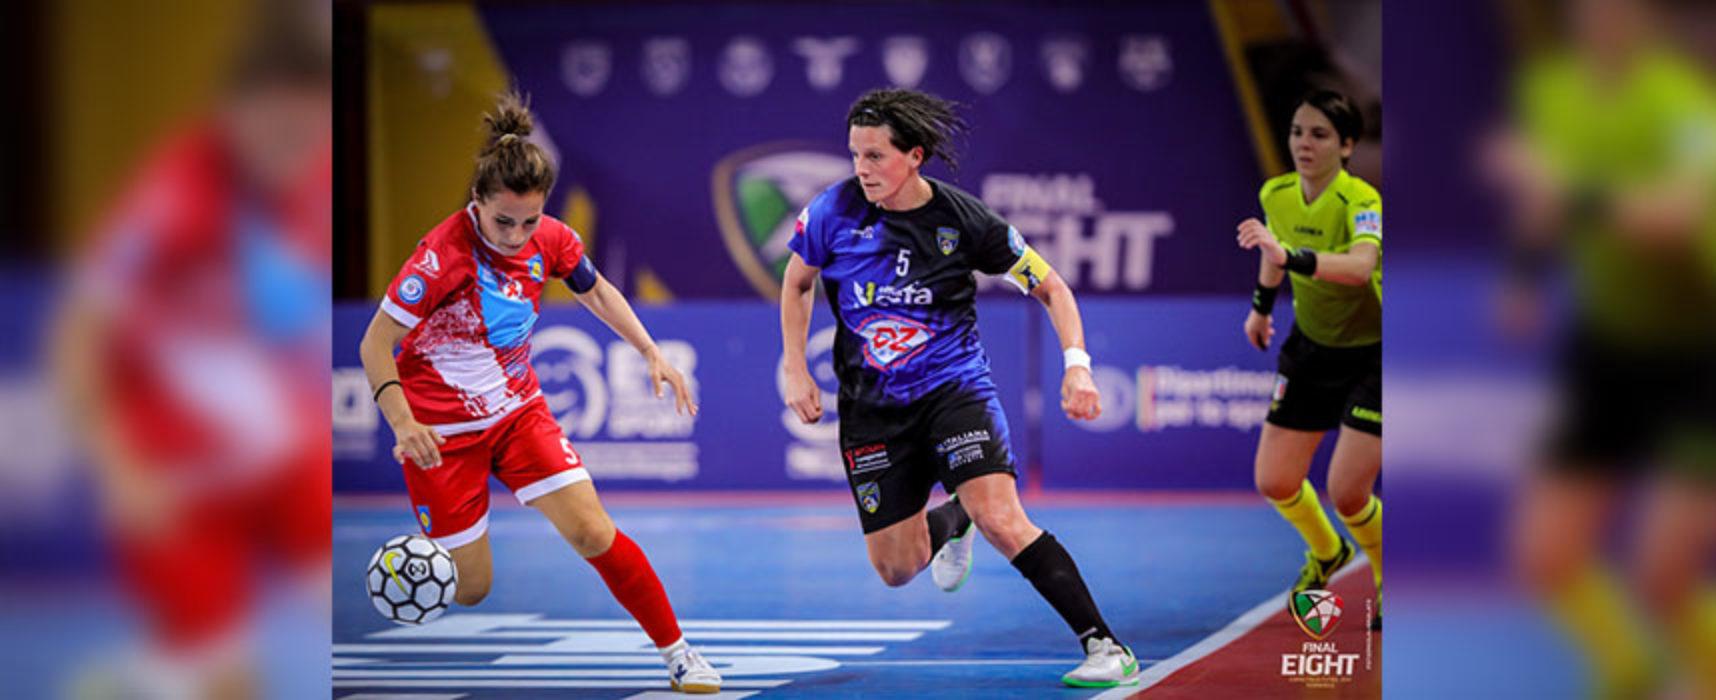 Bisceglie Femminile sconfitto dal Montesilvano e fuori dalla Coppa Italia